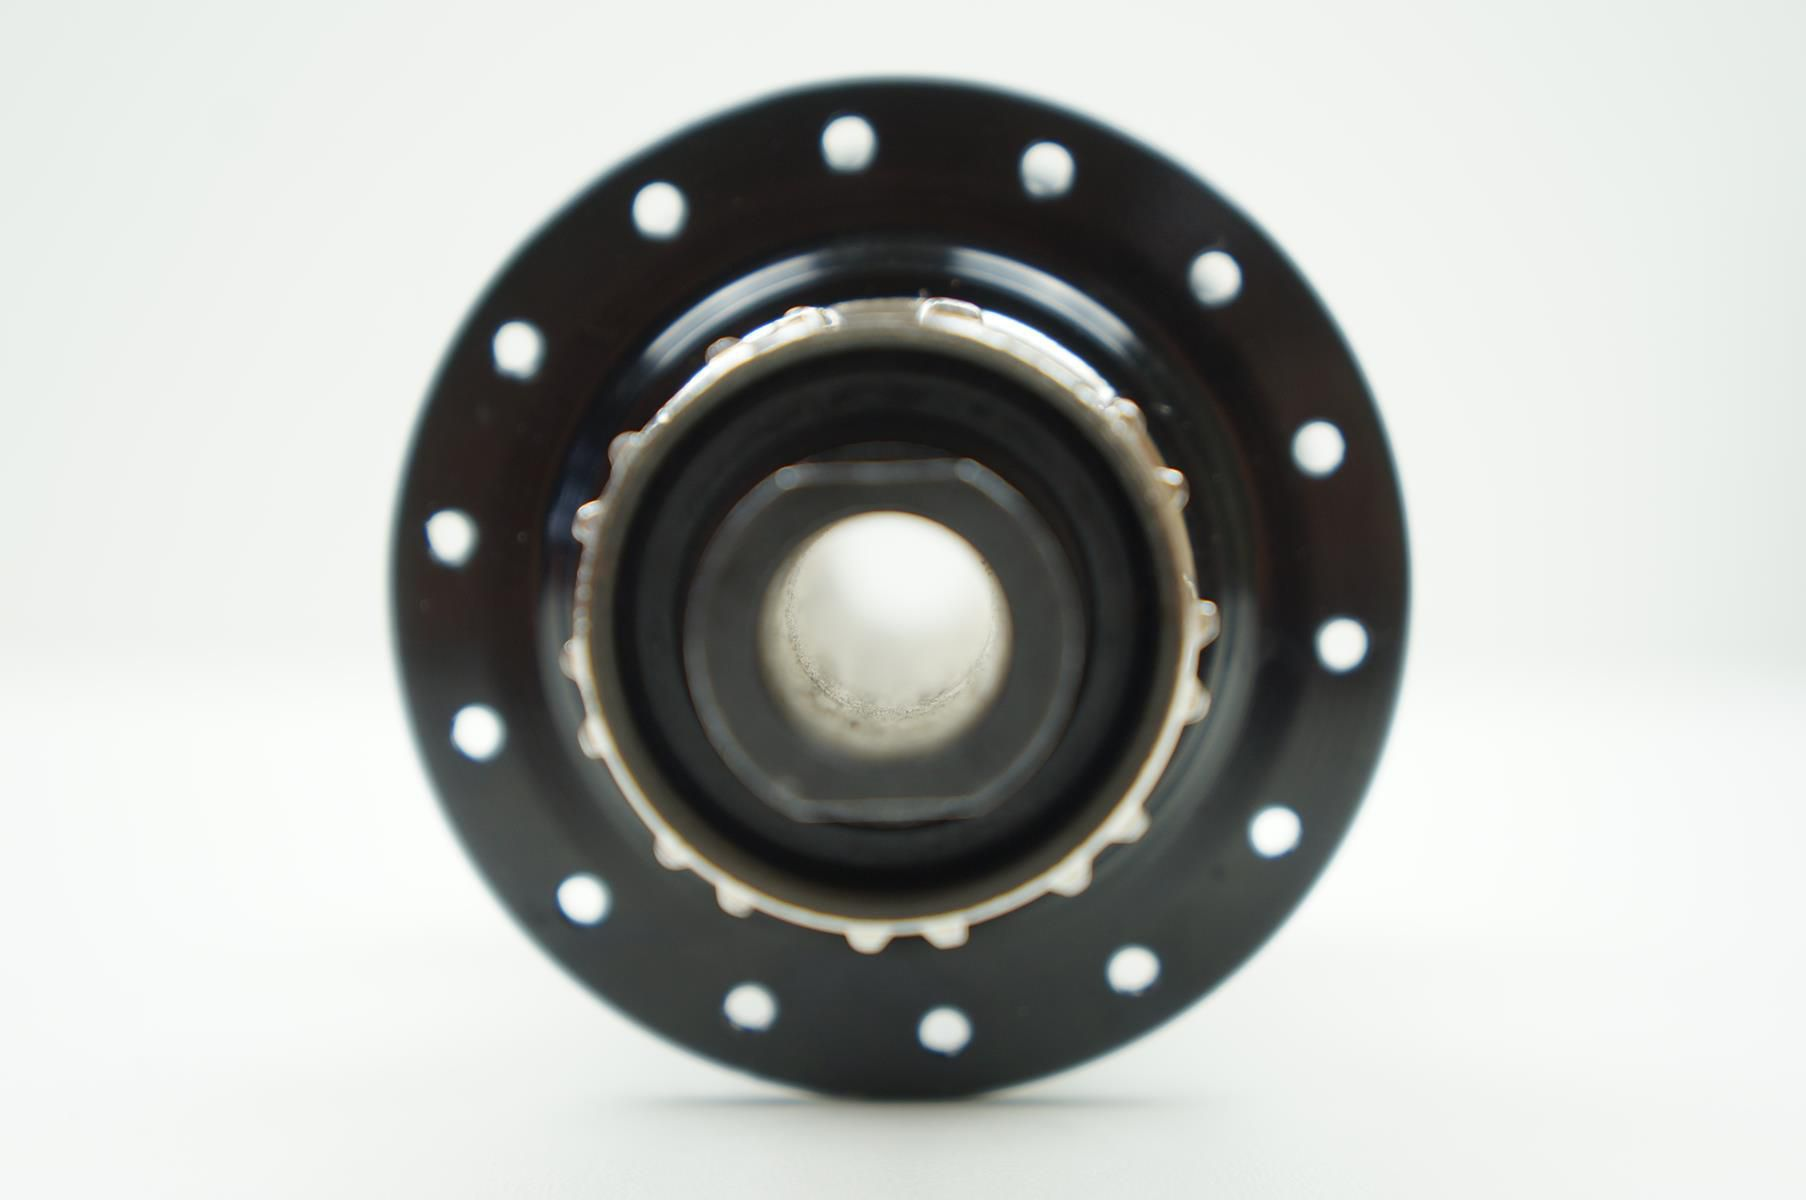 Cubo Traseiro Absolute Prime 142 x 12mm 28 Furos com Rolamentos Eixo Passante